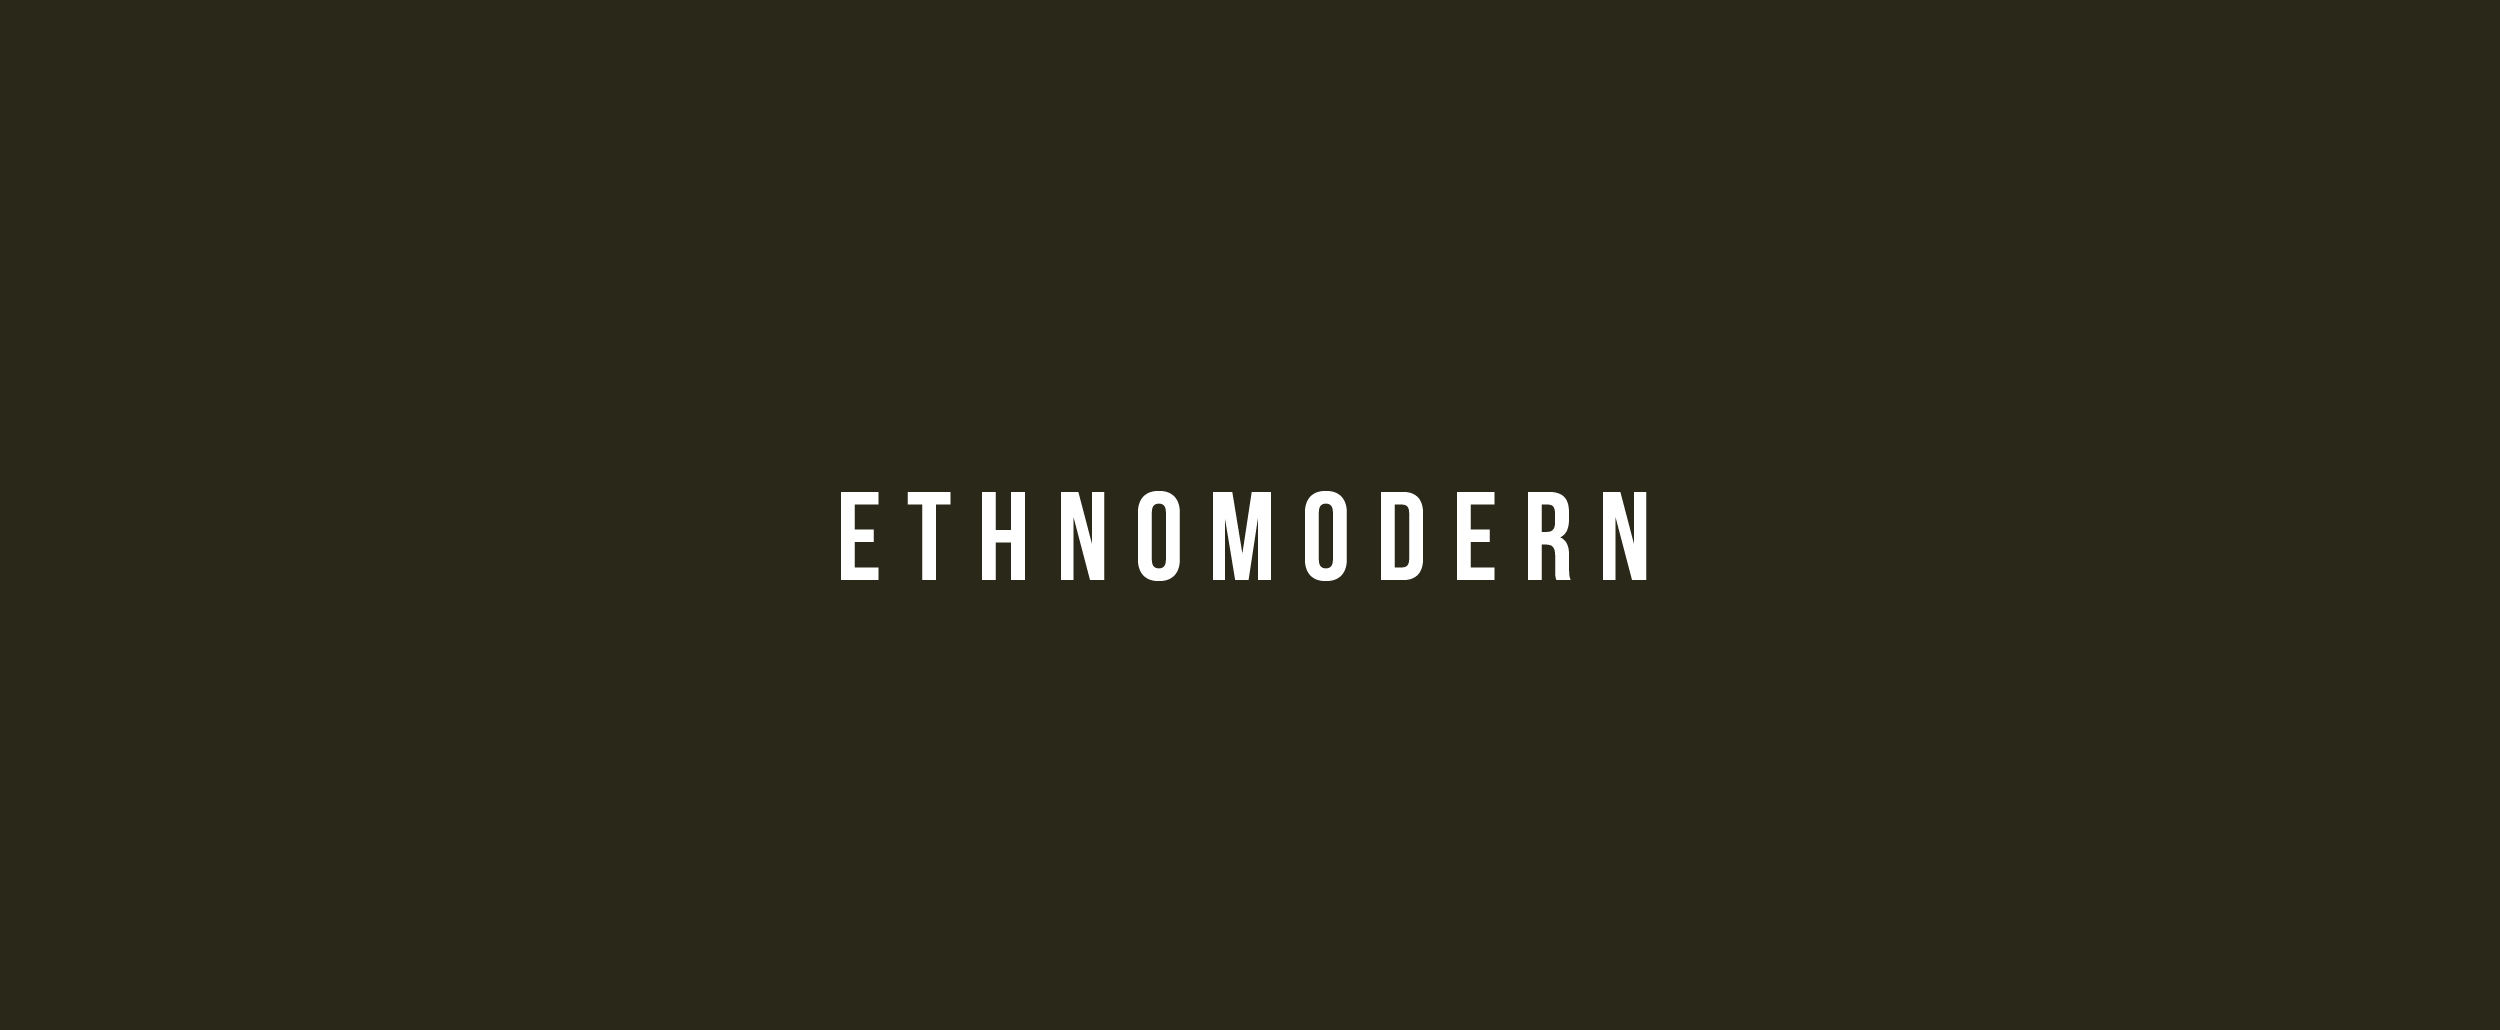 ethnomodern